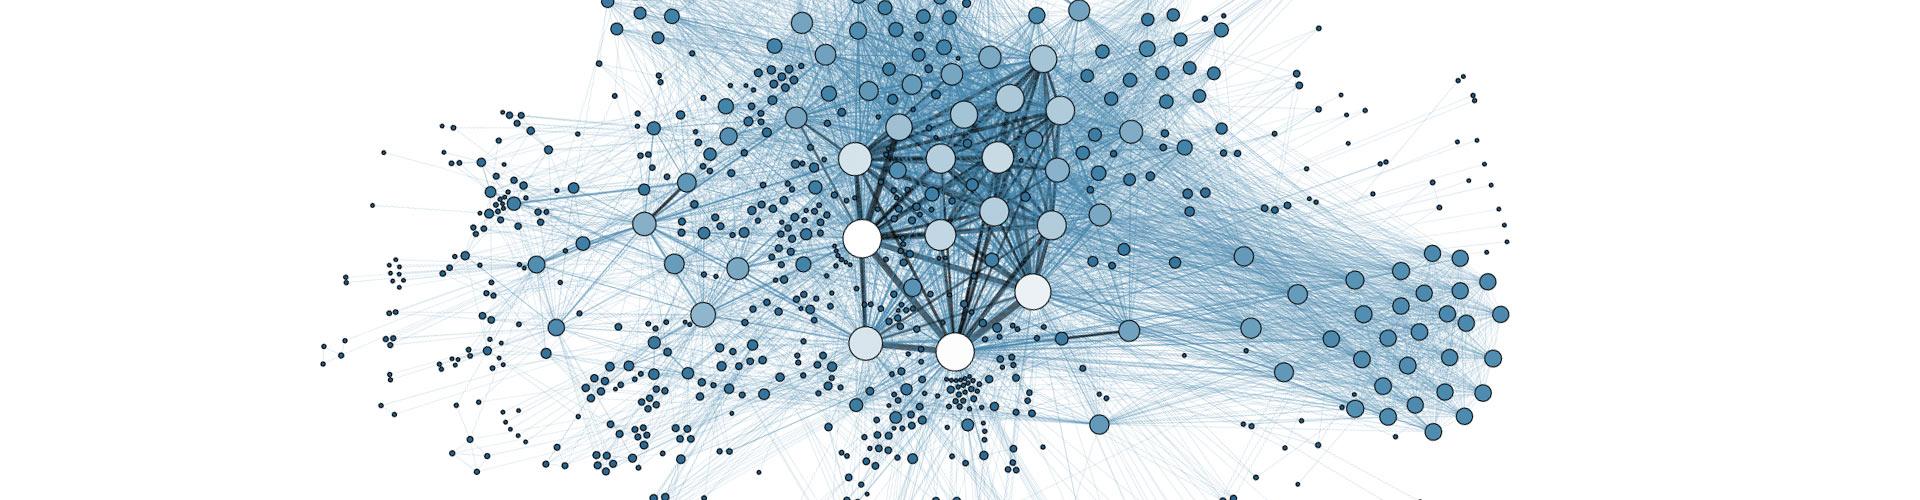 slide1-network